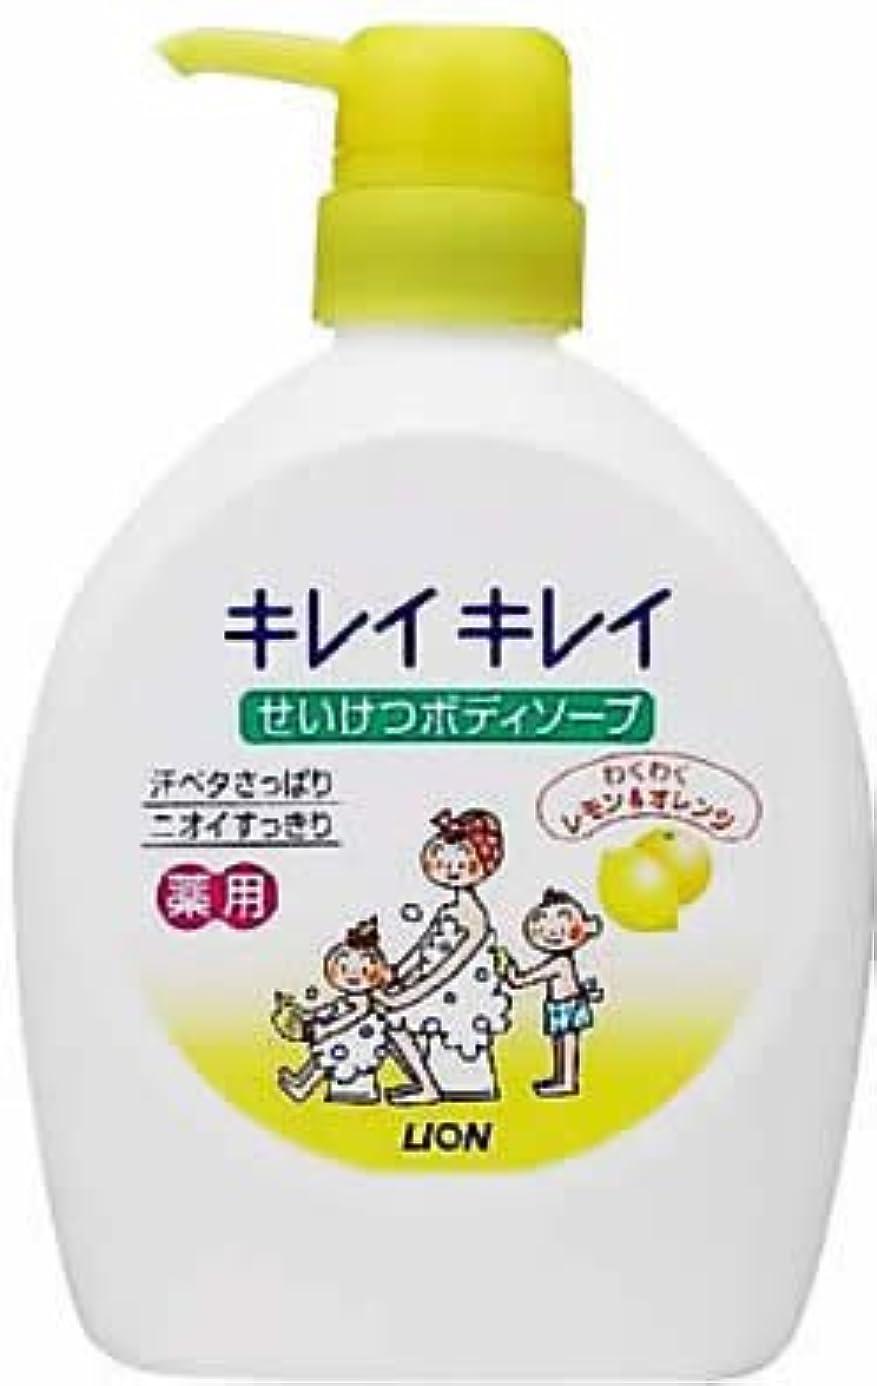 ぴったりスパン柔らかいキレイキレイ せいけつボディソープ わくわくレモン&オレンジの香り 本体ポンプ 580ml